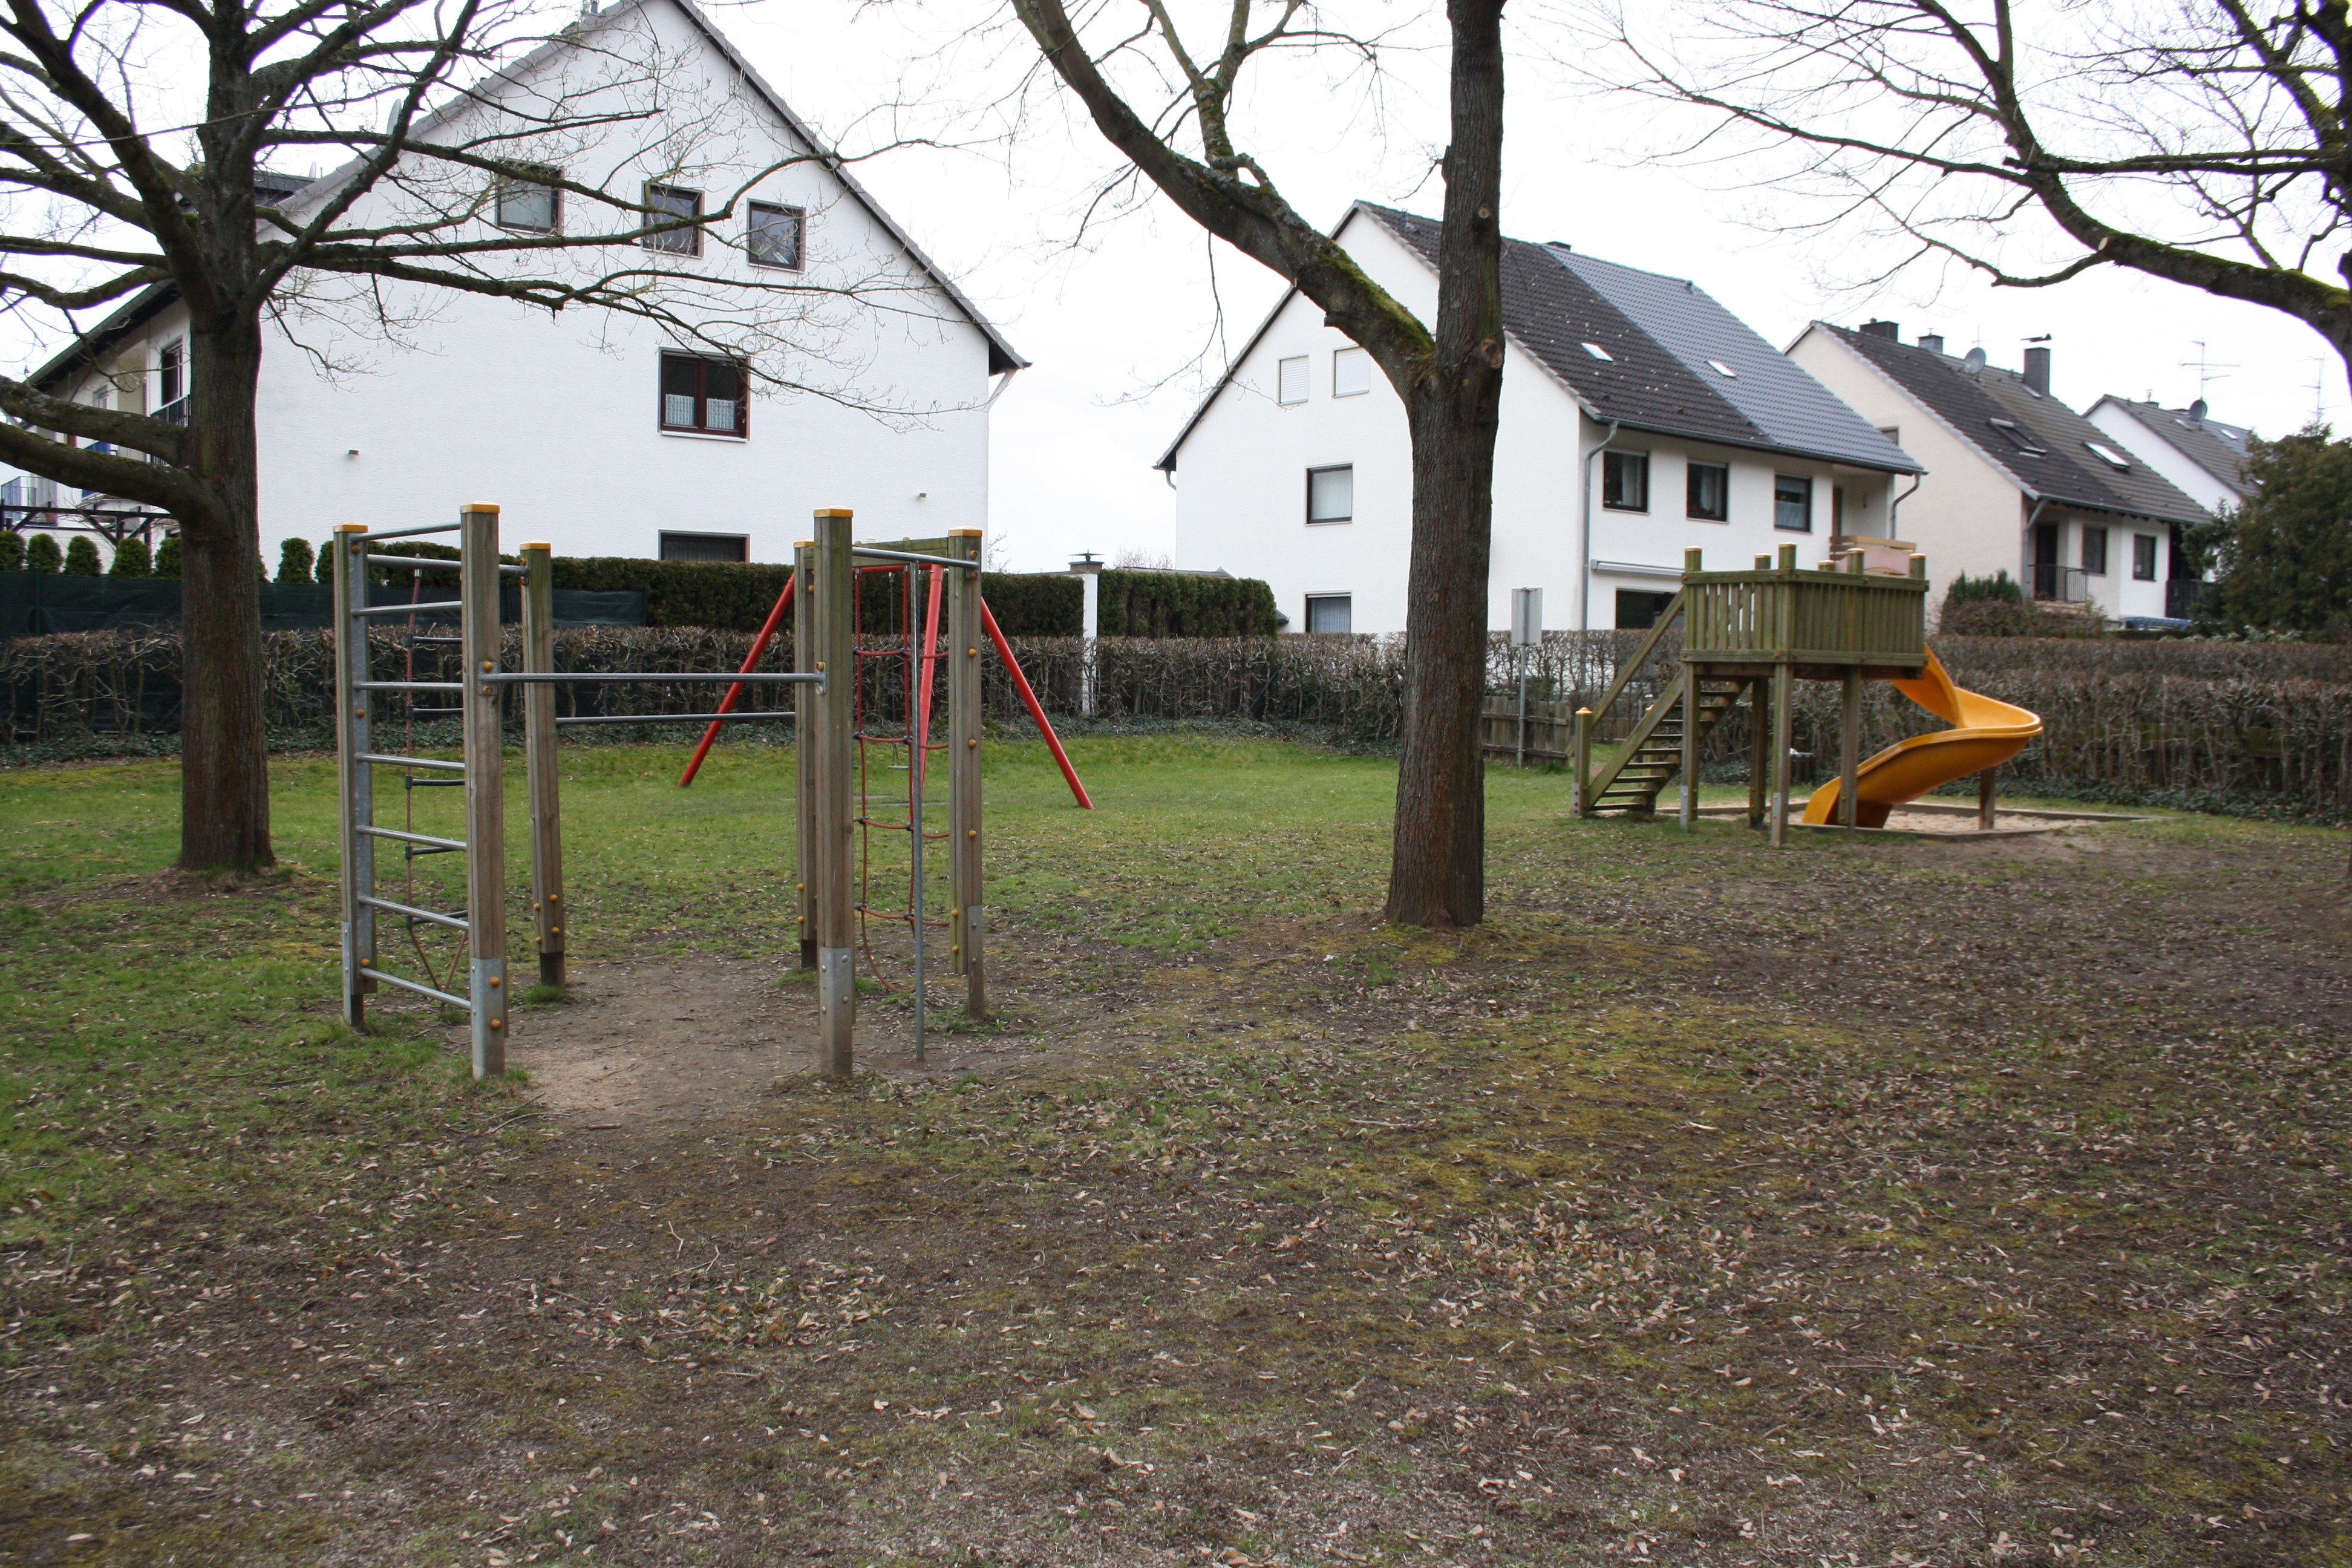 Klettergerüst Metall Spielplatz : Samtgemeinde velpke umgestaltung spielplatz u ekirschenwegu c in